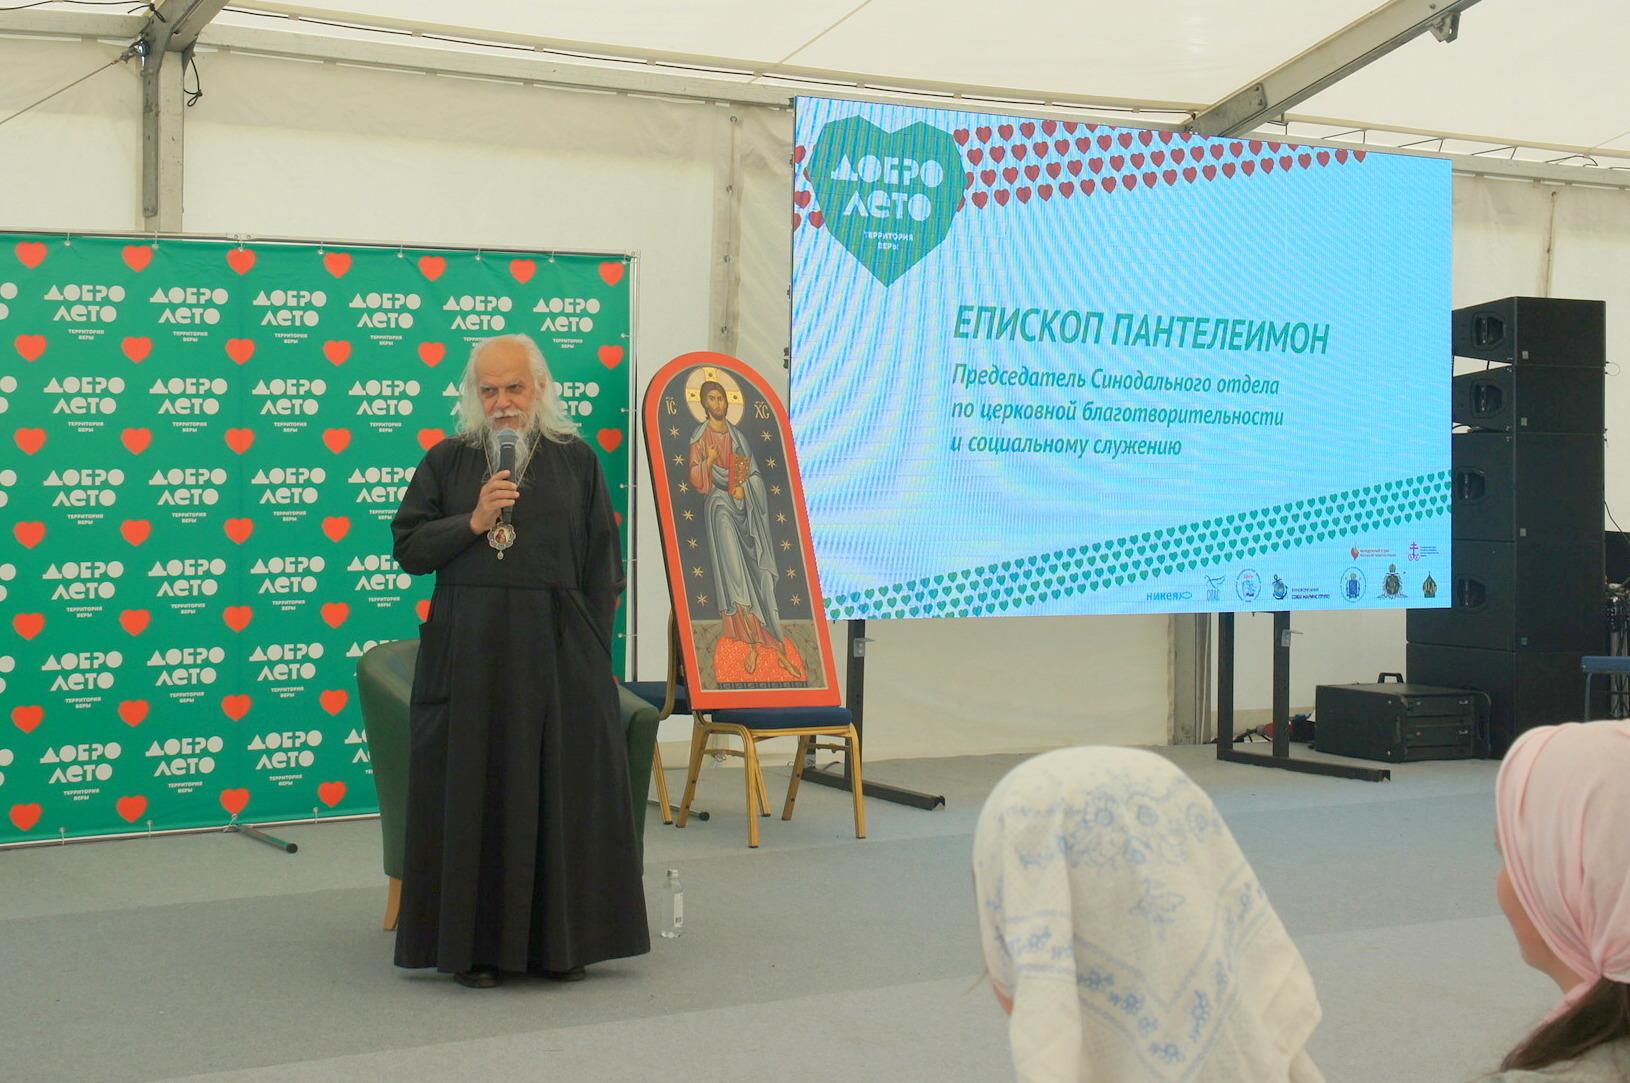 Епископ Пантелеимон: Истинное христианство - не внешнее, а внутреннее делание